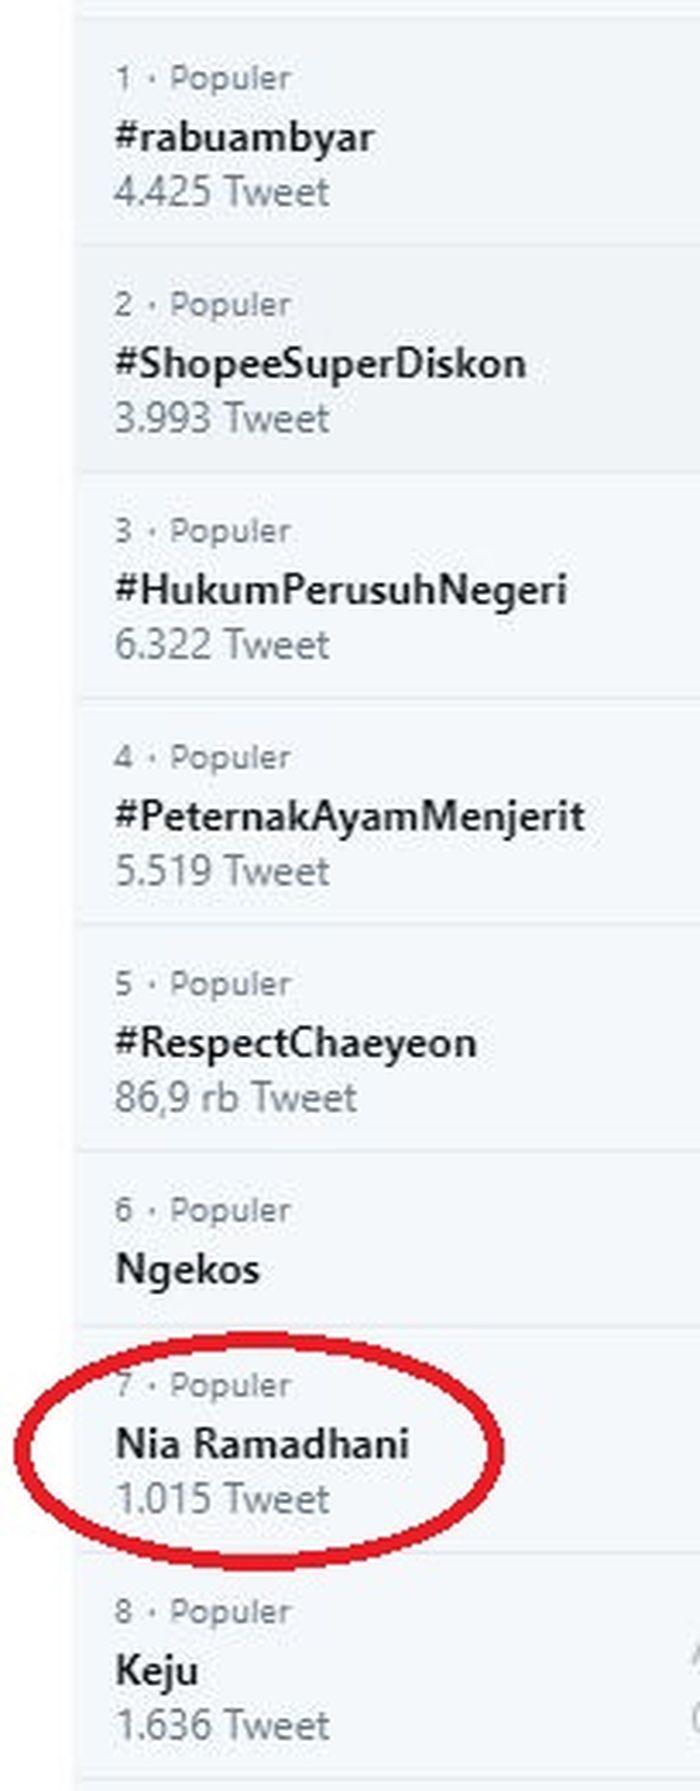 Kegiatan menyetrika baju yang dilakukan Nia Ramadhani ini justru trending di media sosial seperti Twitter